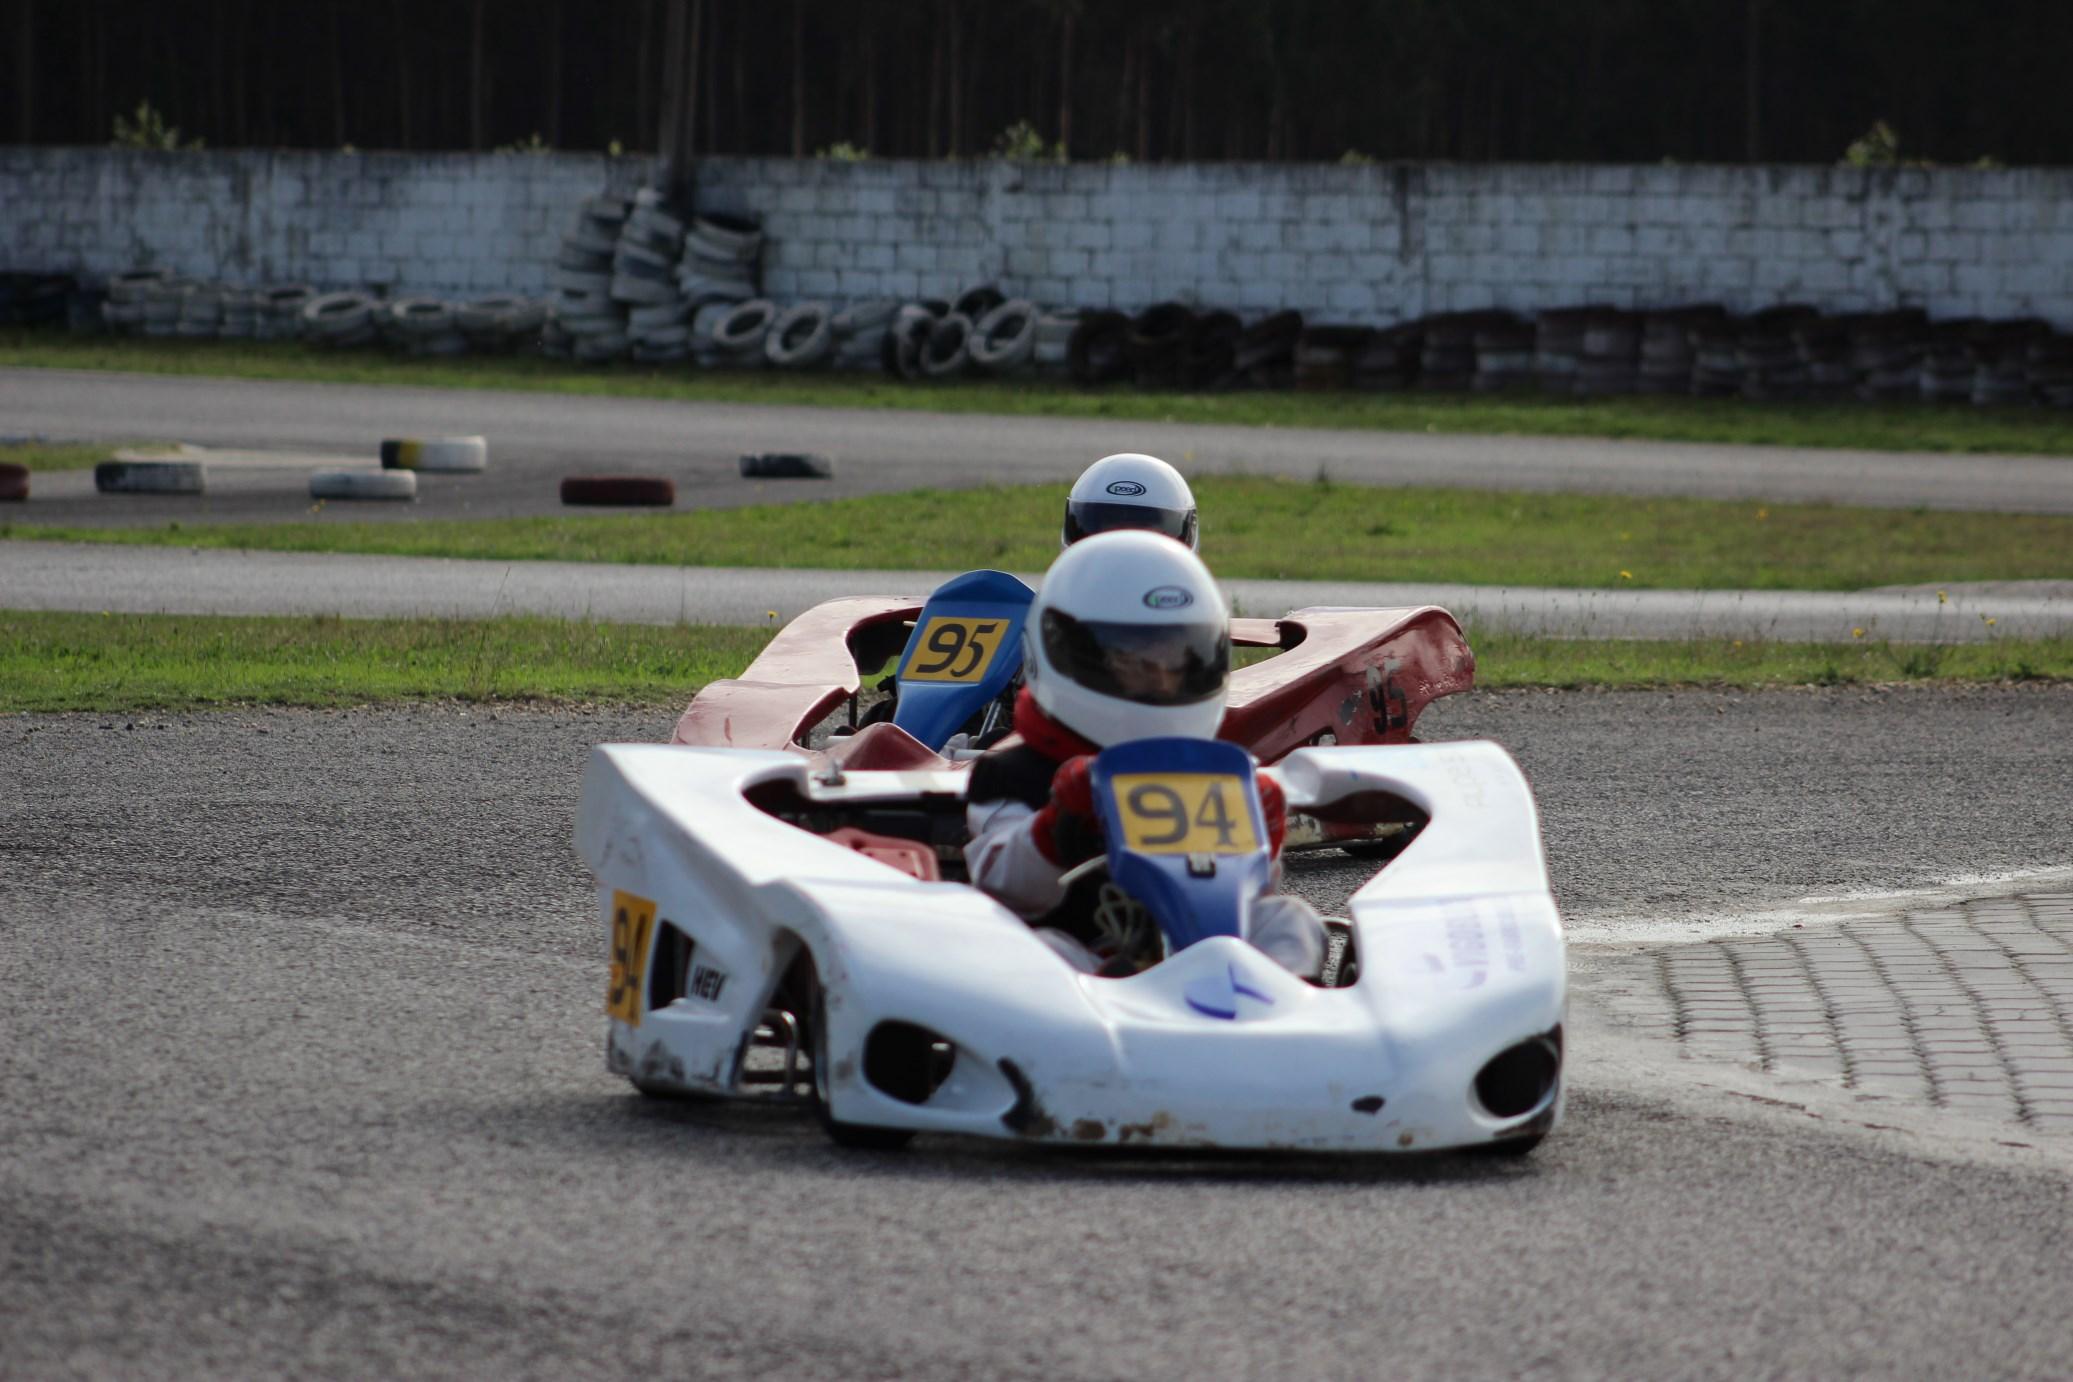 Troféu Honda 2014 - 4ª Prova36